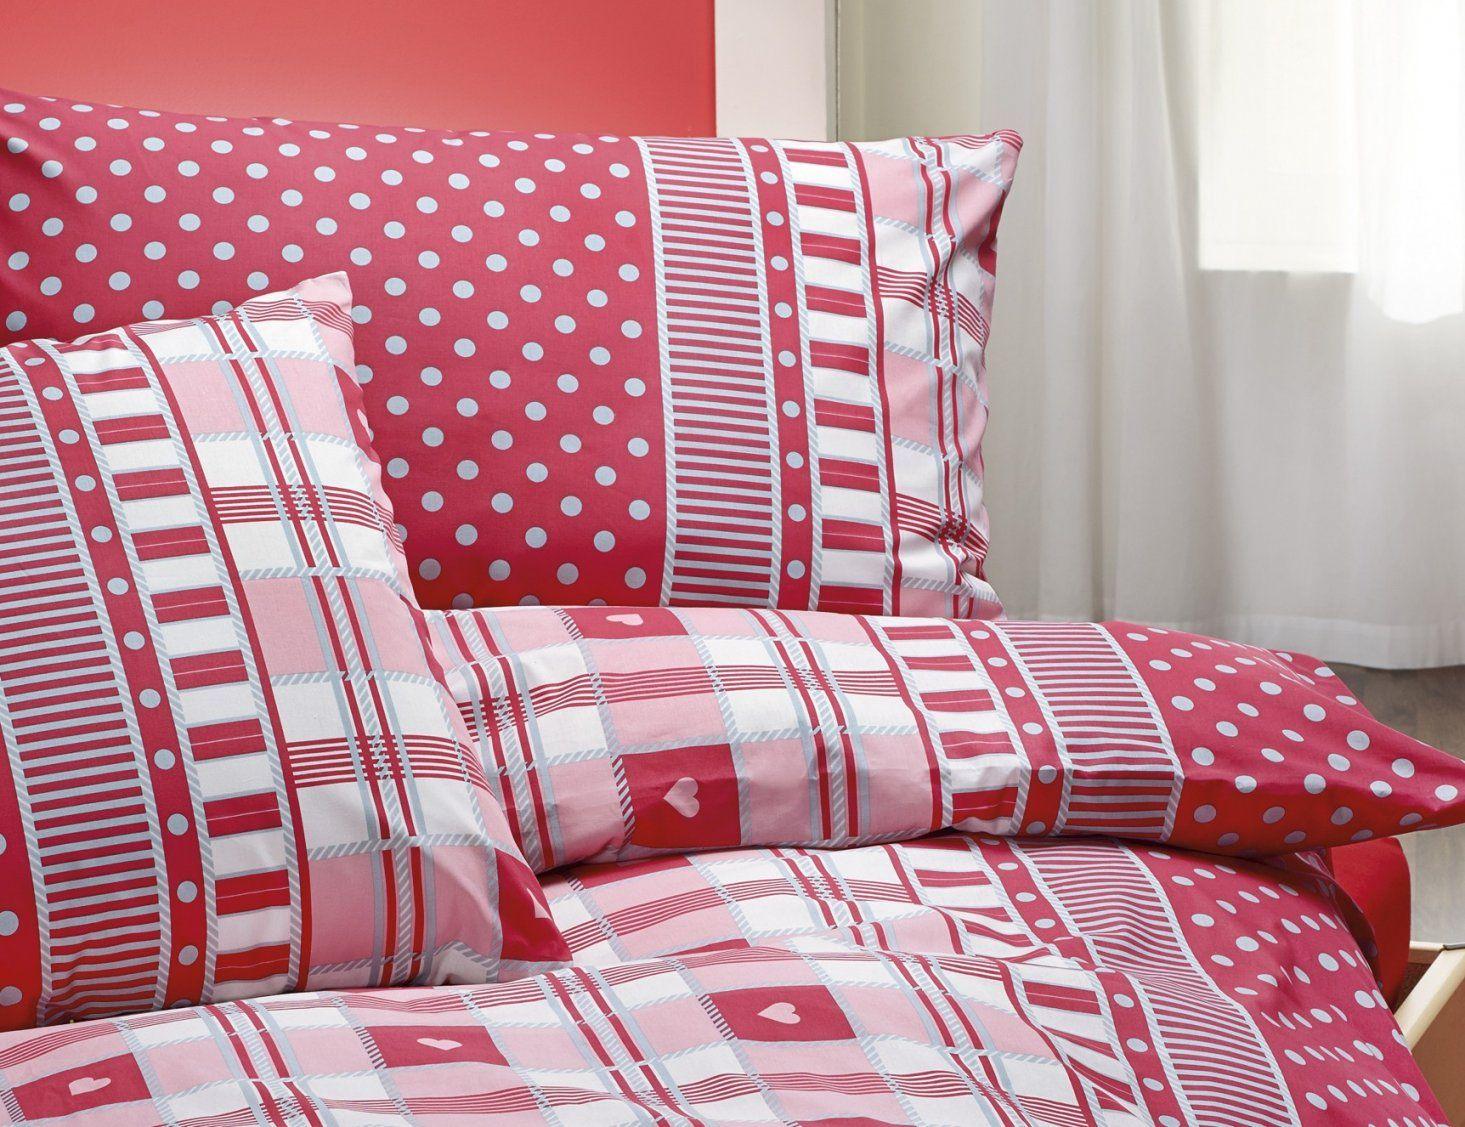 Bettwäsche Rot Weiß Gepunktet Haus Design Ideen